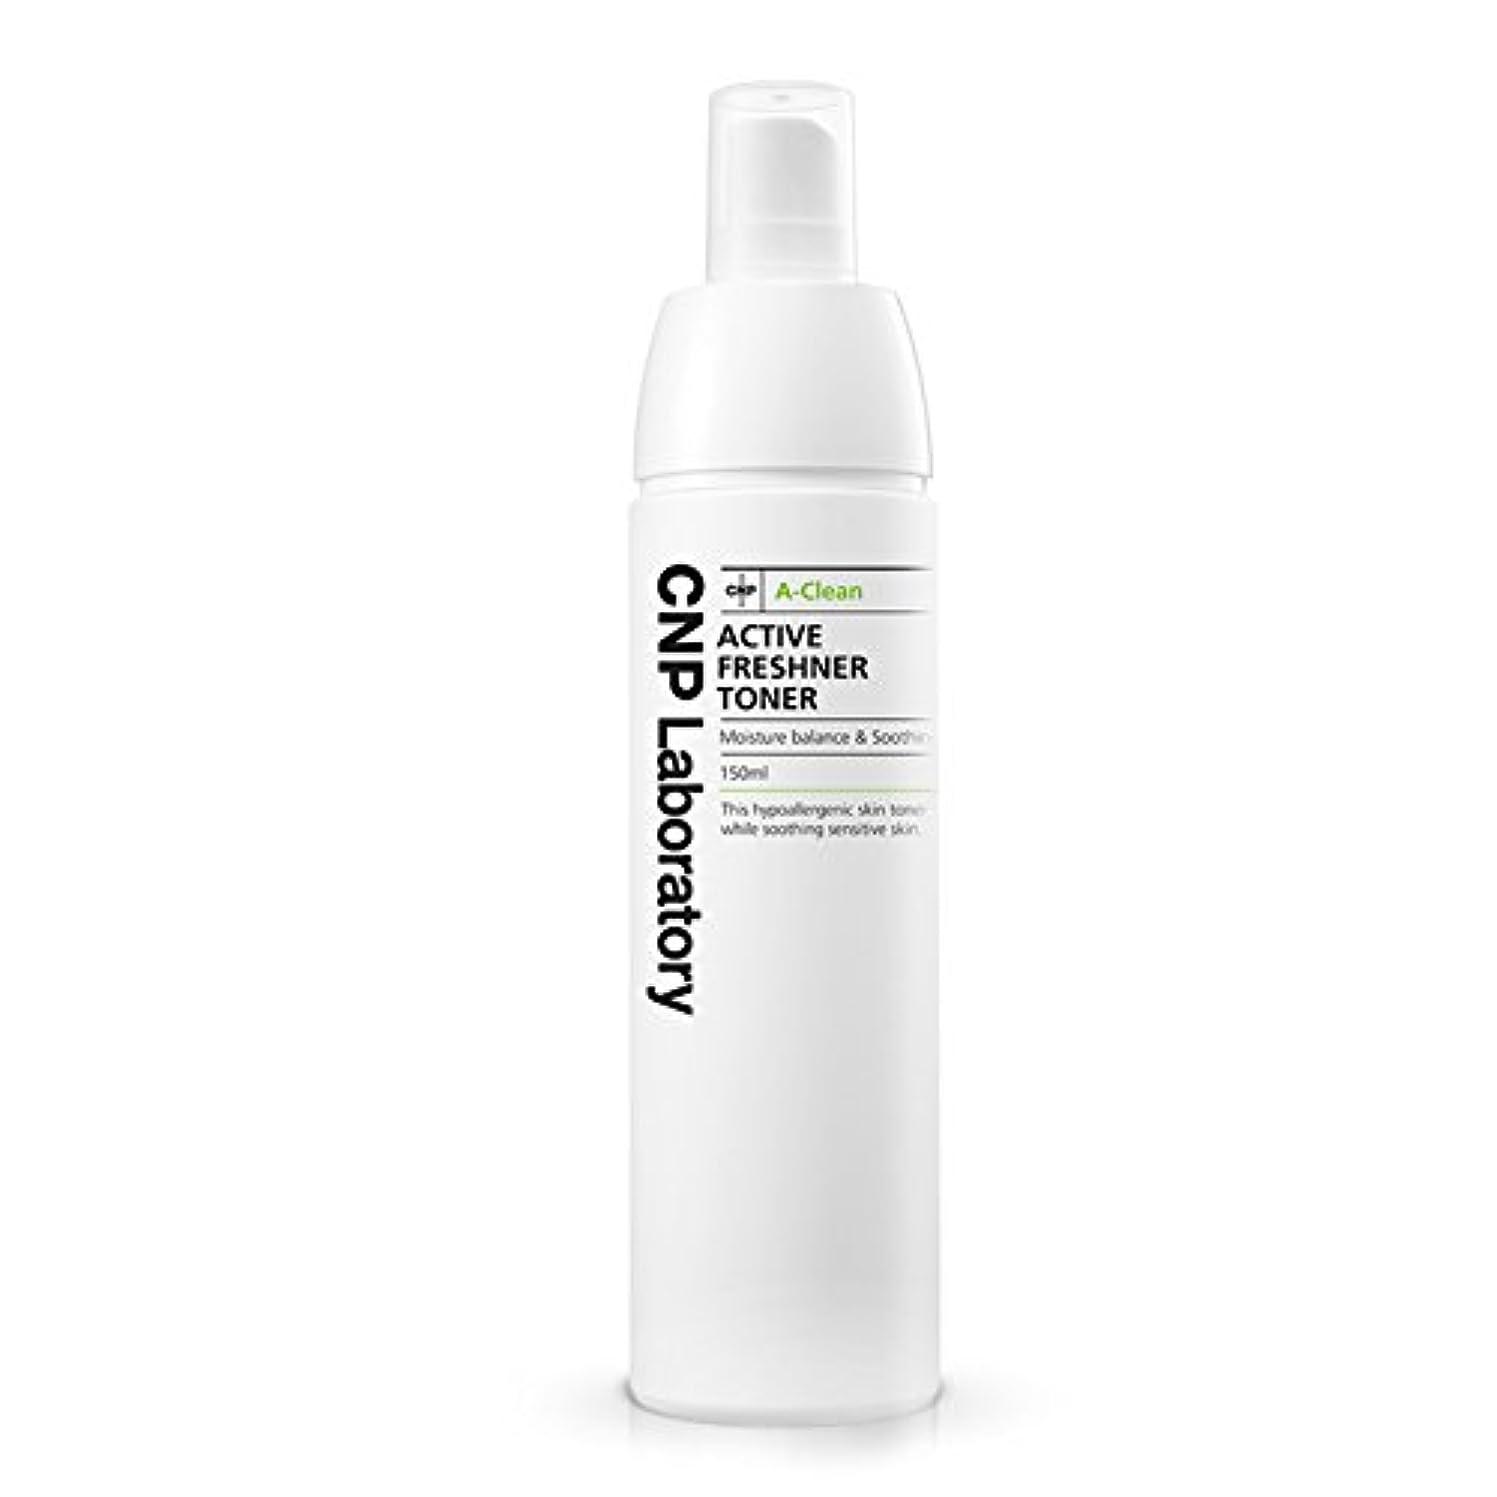 広告主札入れ振動させる[差額泊/CNP]A CLEAN FRESHNER TONER /Aクリーン フレッシュナートナー 150ml【化粧水】(海外直送品)